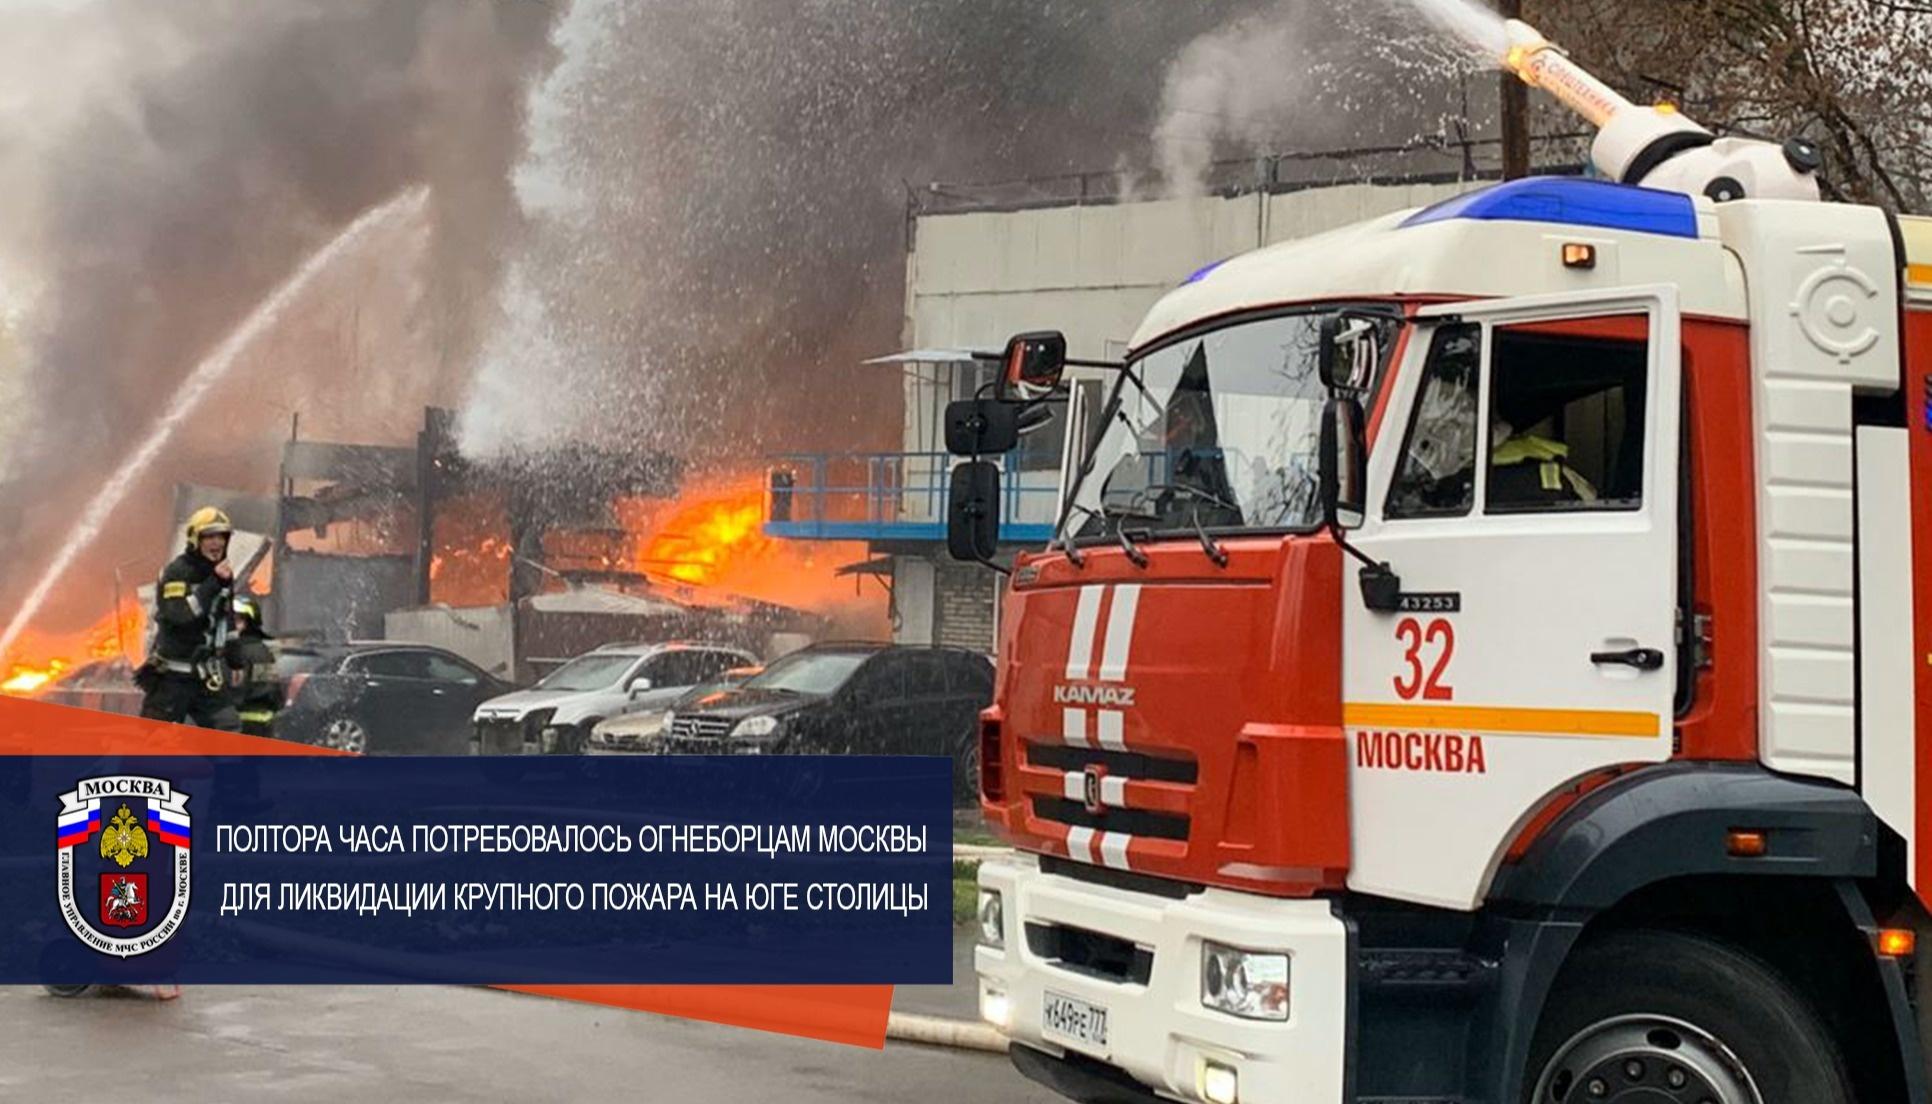 Полтора часа потребовалось огнеборцам Москвы для ликвидации крупного пожара на юге столицы.